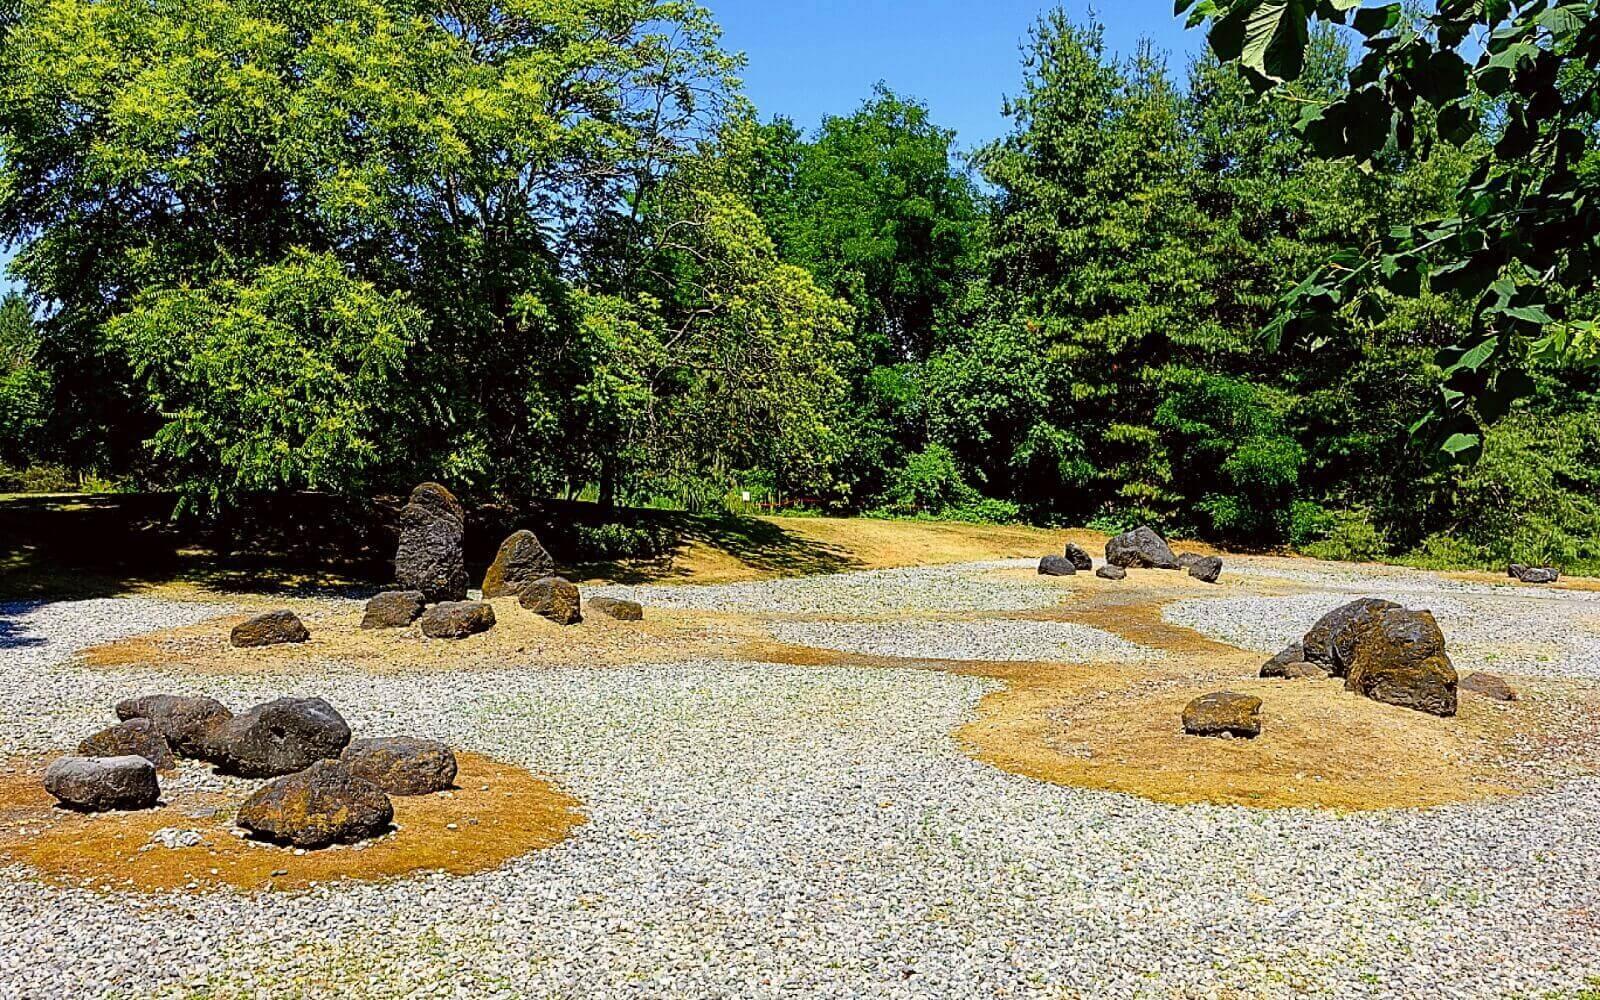 The Stone Garden at VanDusen Garden